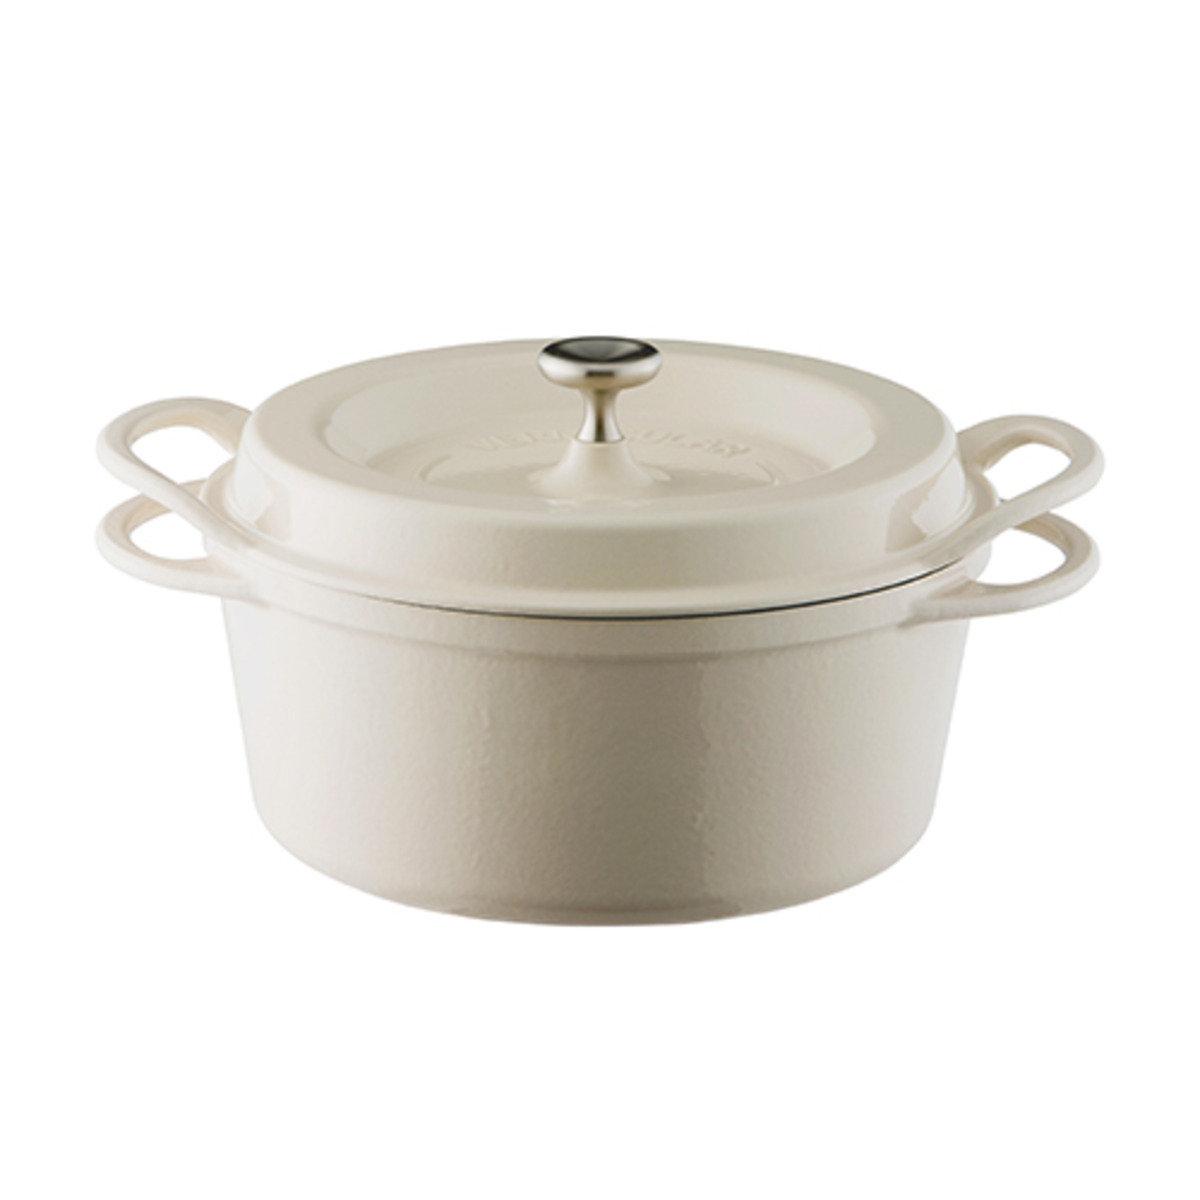 琺瑯鑄鐵圓鍋-米色